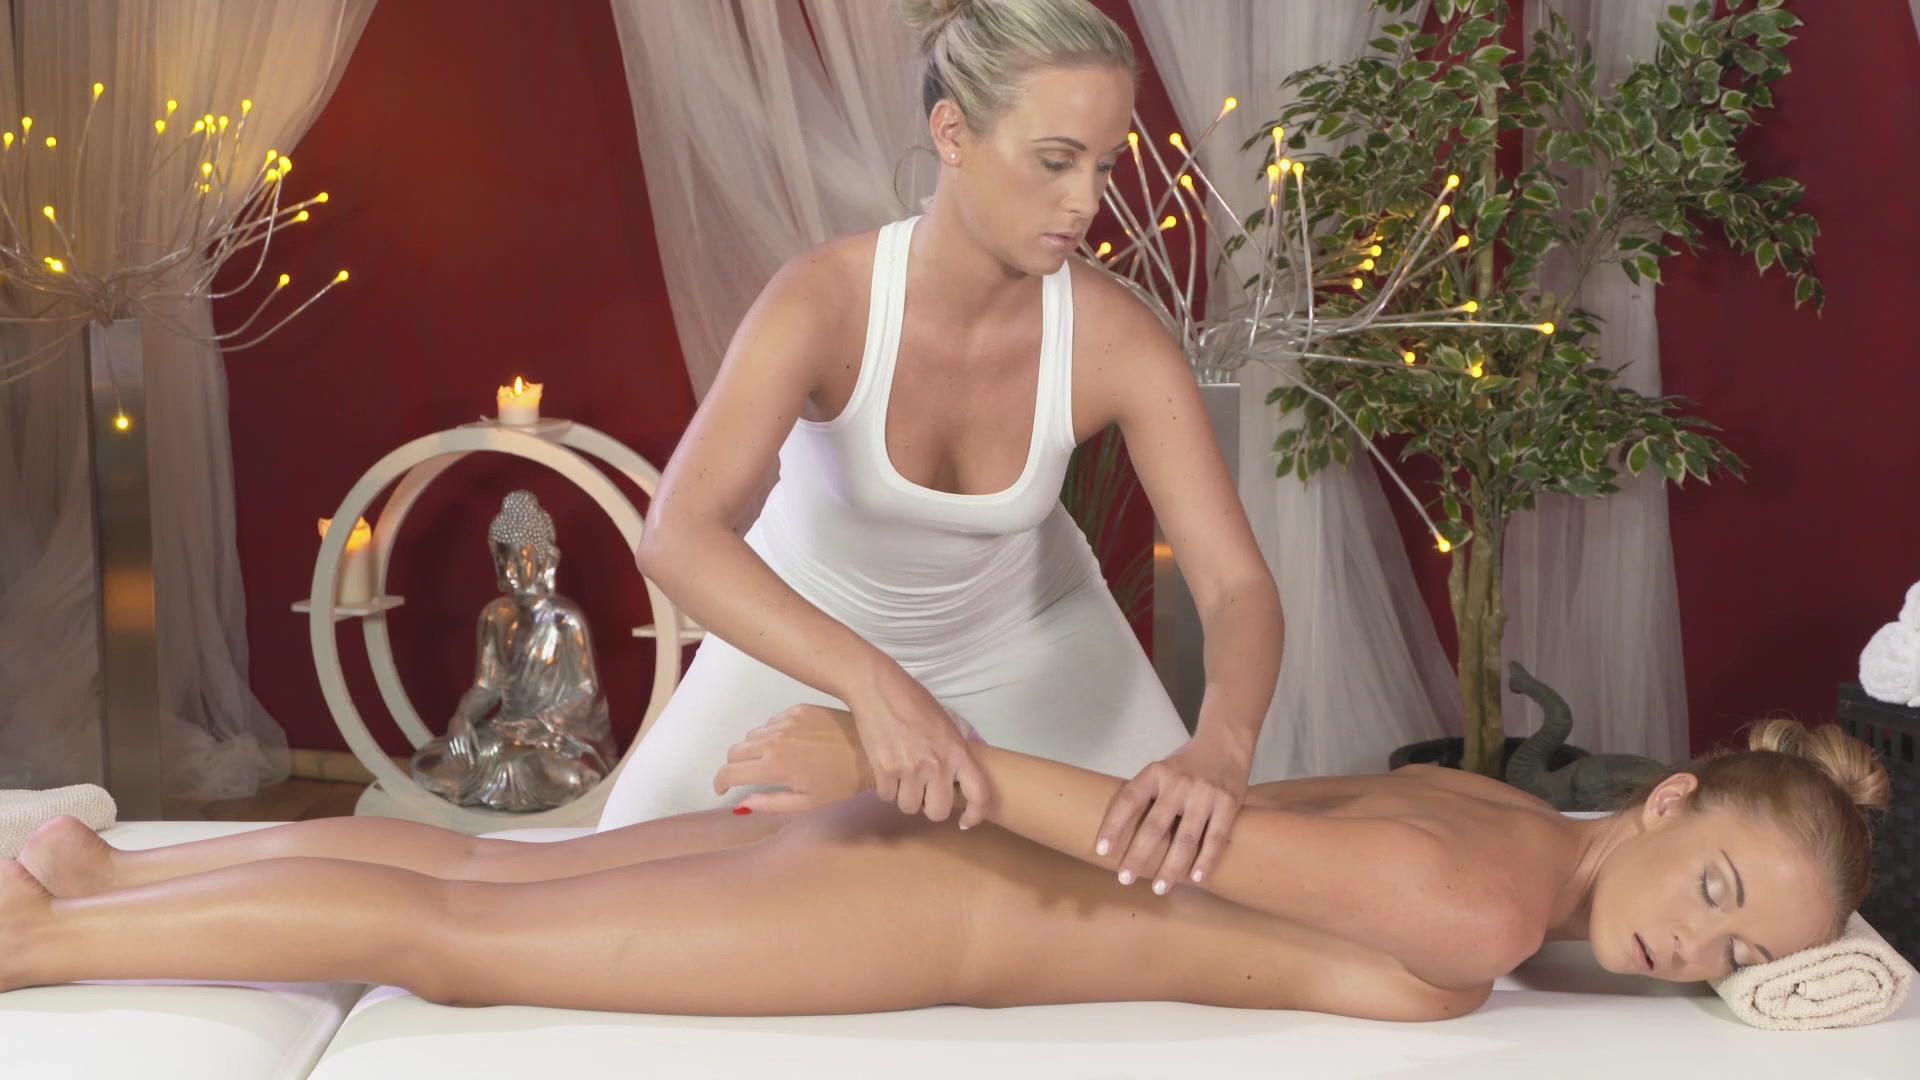 oily massage movies